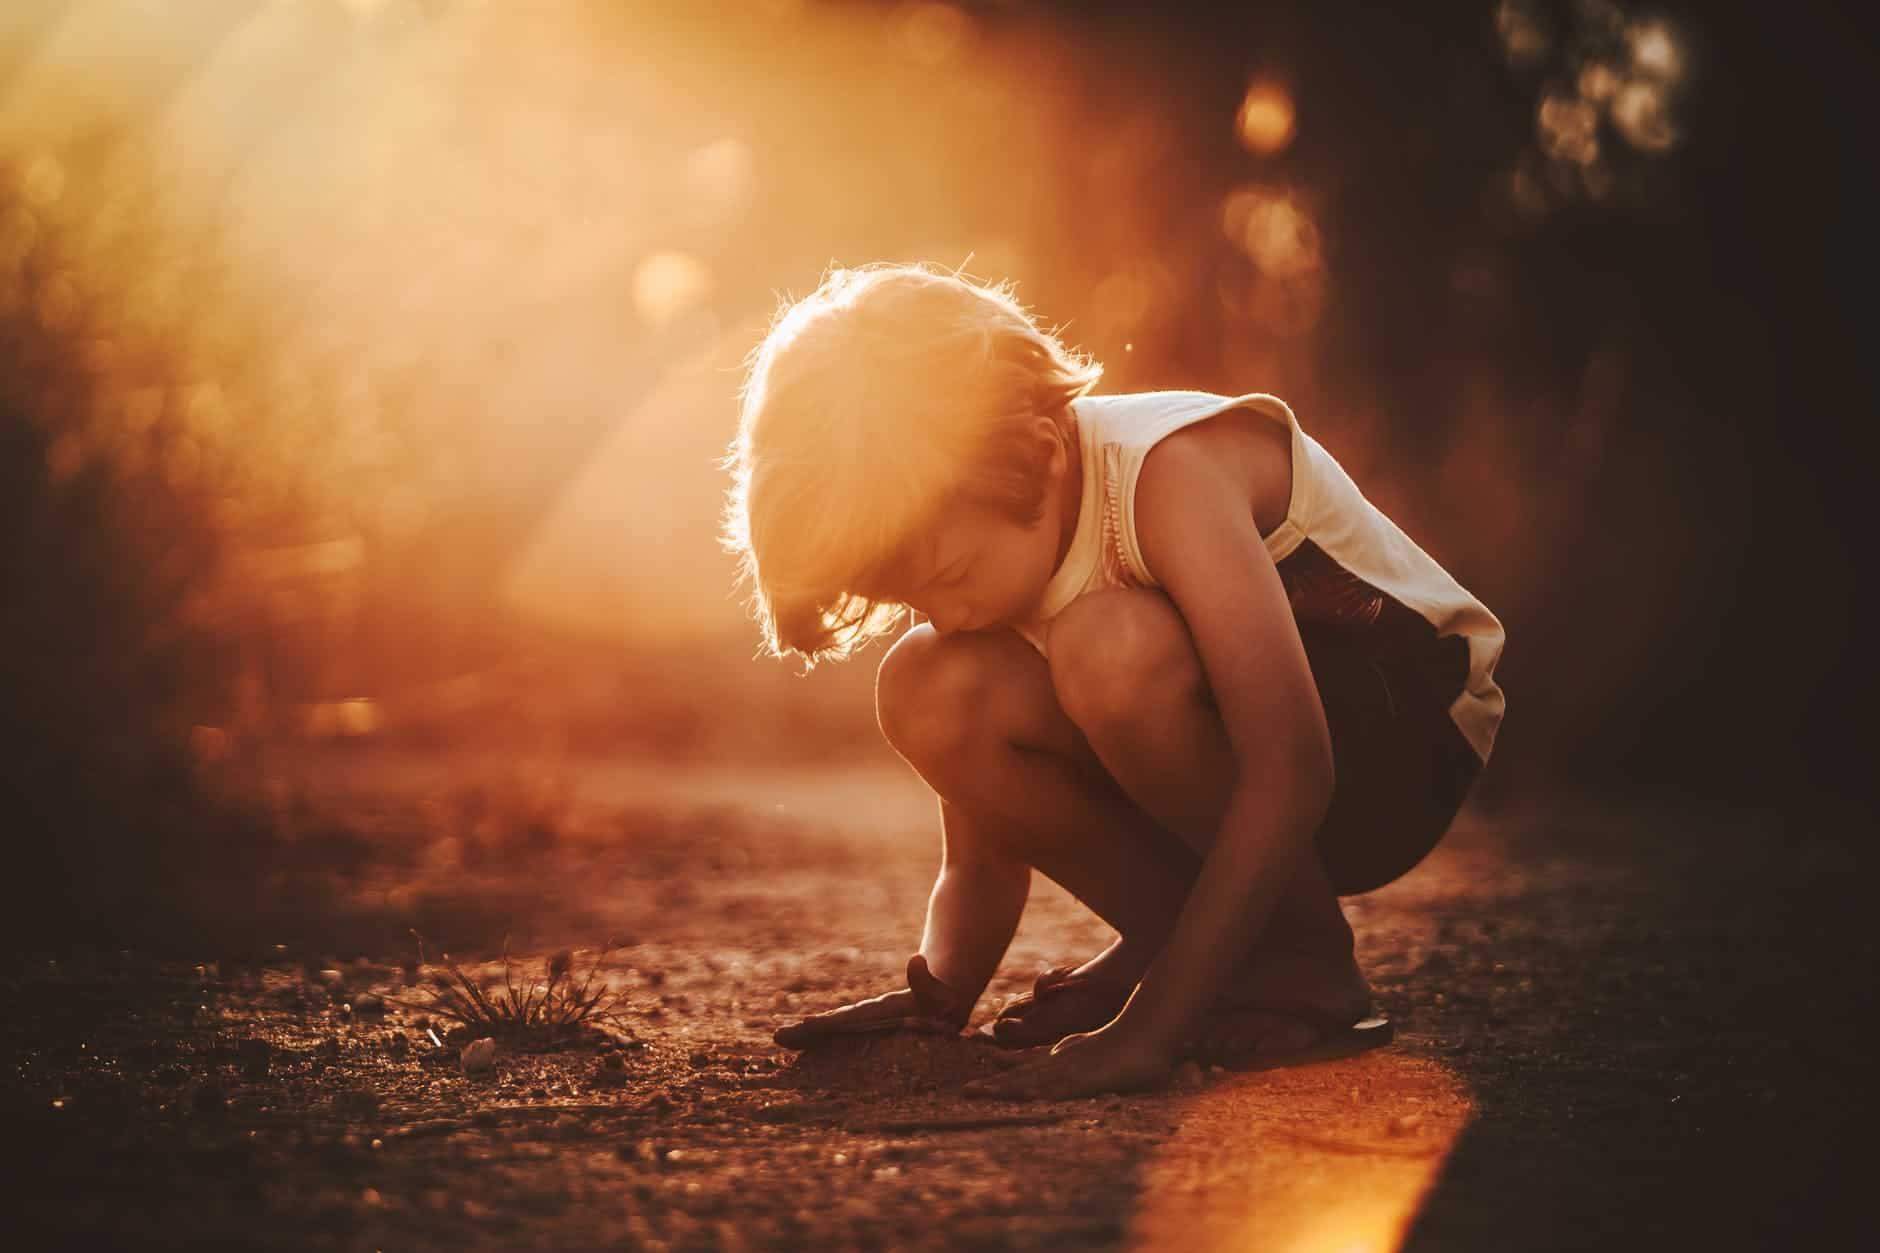 little boy squatting on sandy ground